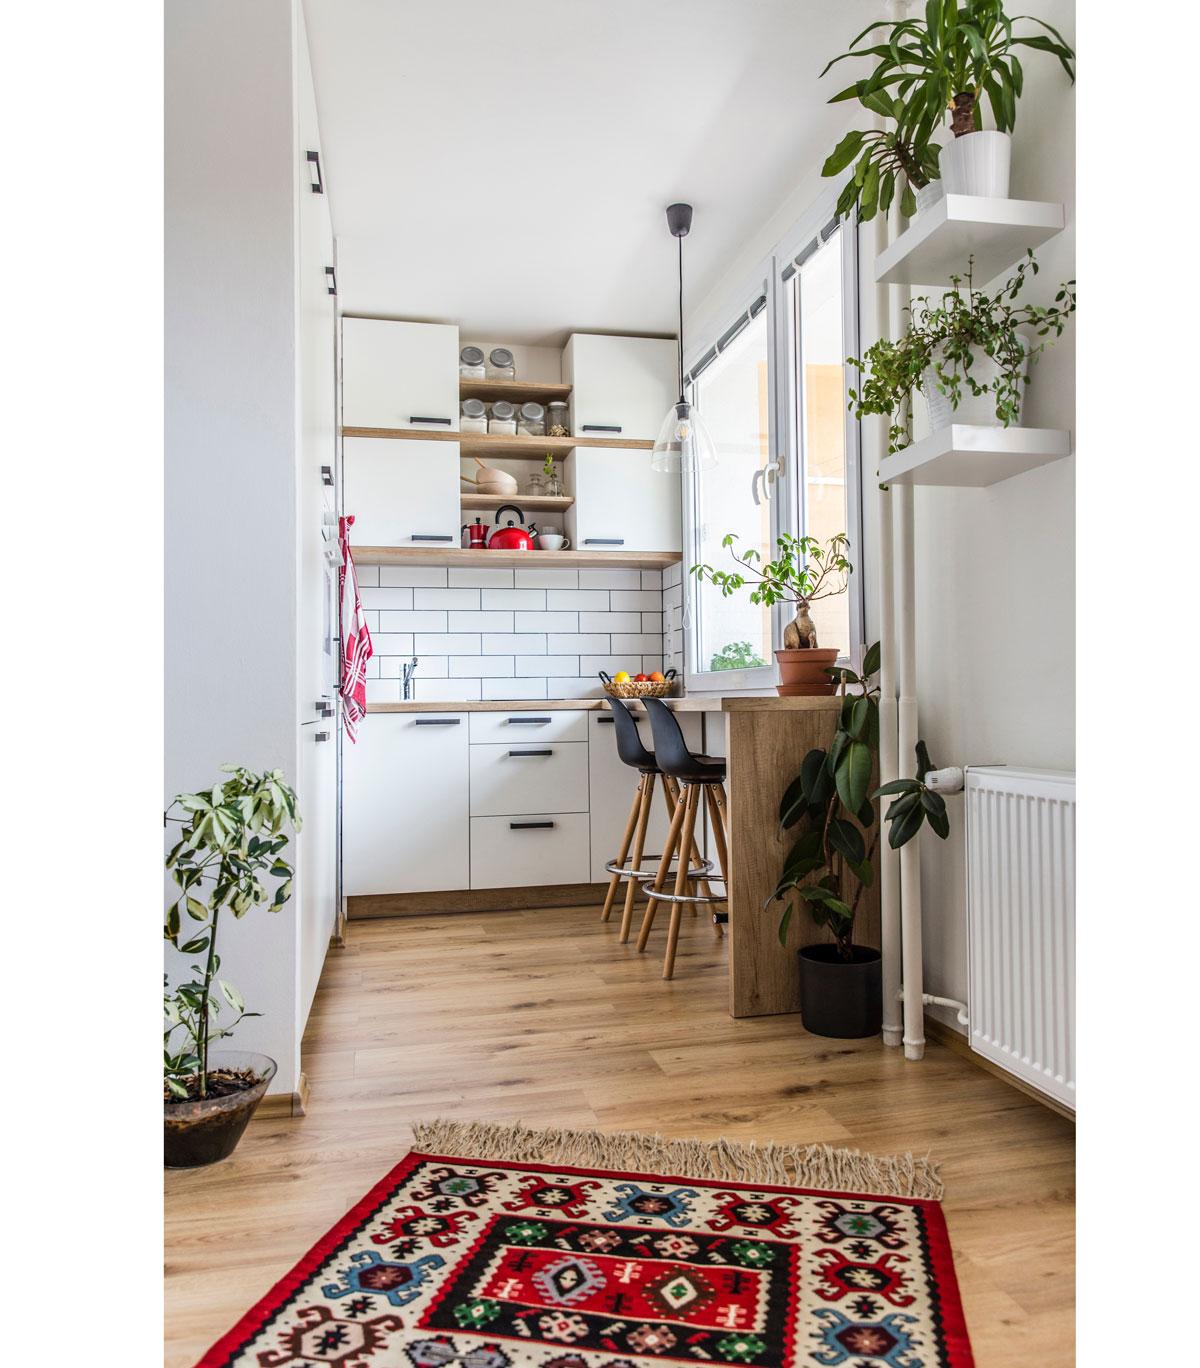 malá kuchyňa s bielou kuchynskou linkou, jedálenským pultom a farebným vzorovaným kobercom